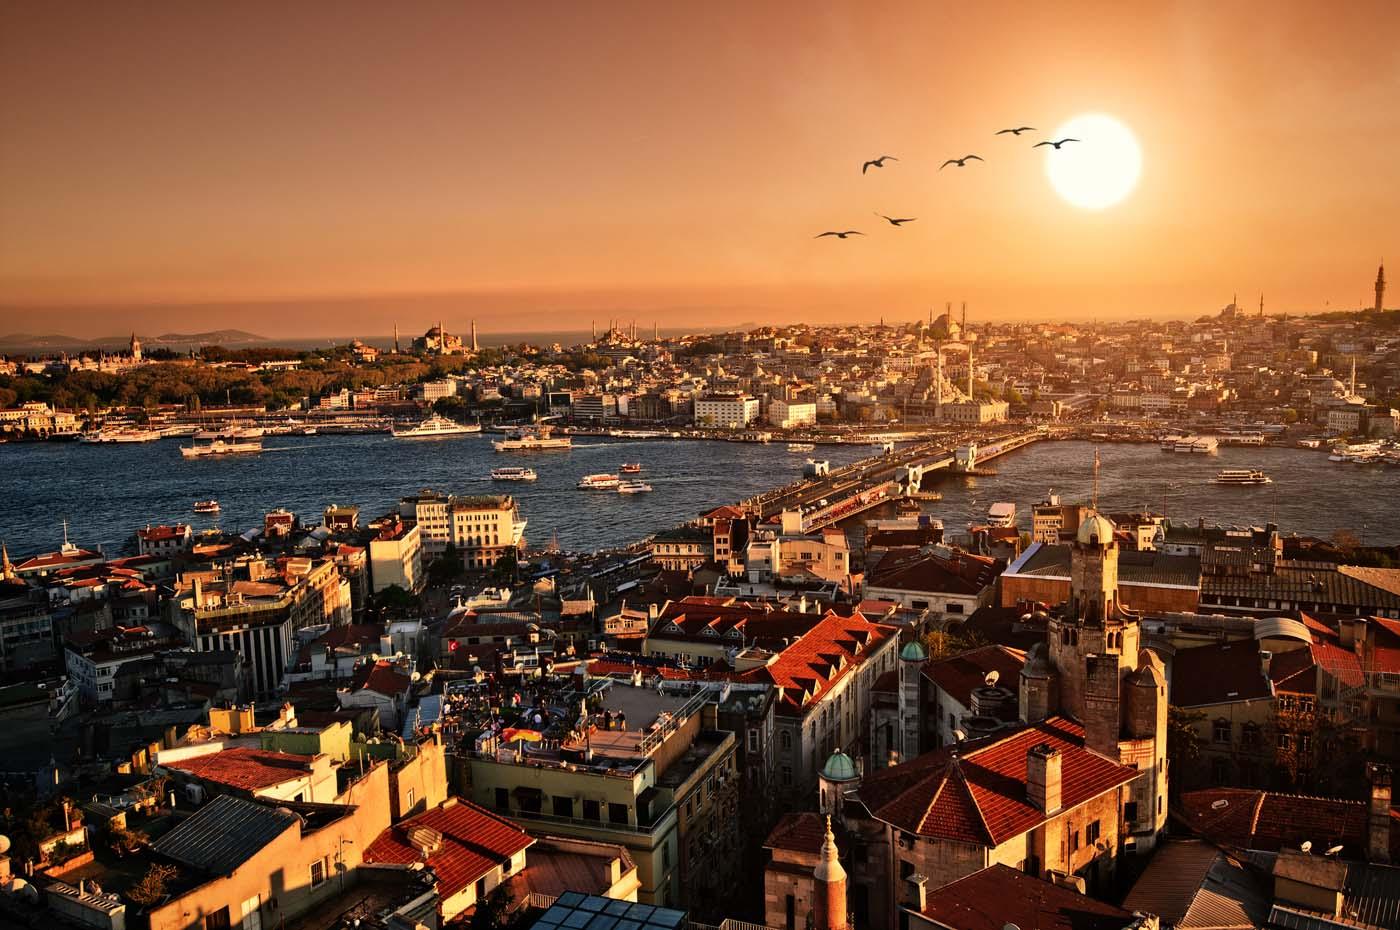 Η αναπαράσταση της Κωνσταντινούπολης - Πώς ήταν η Πόλη